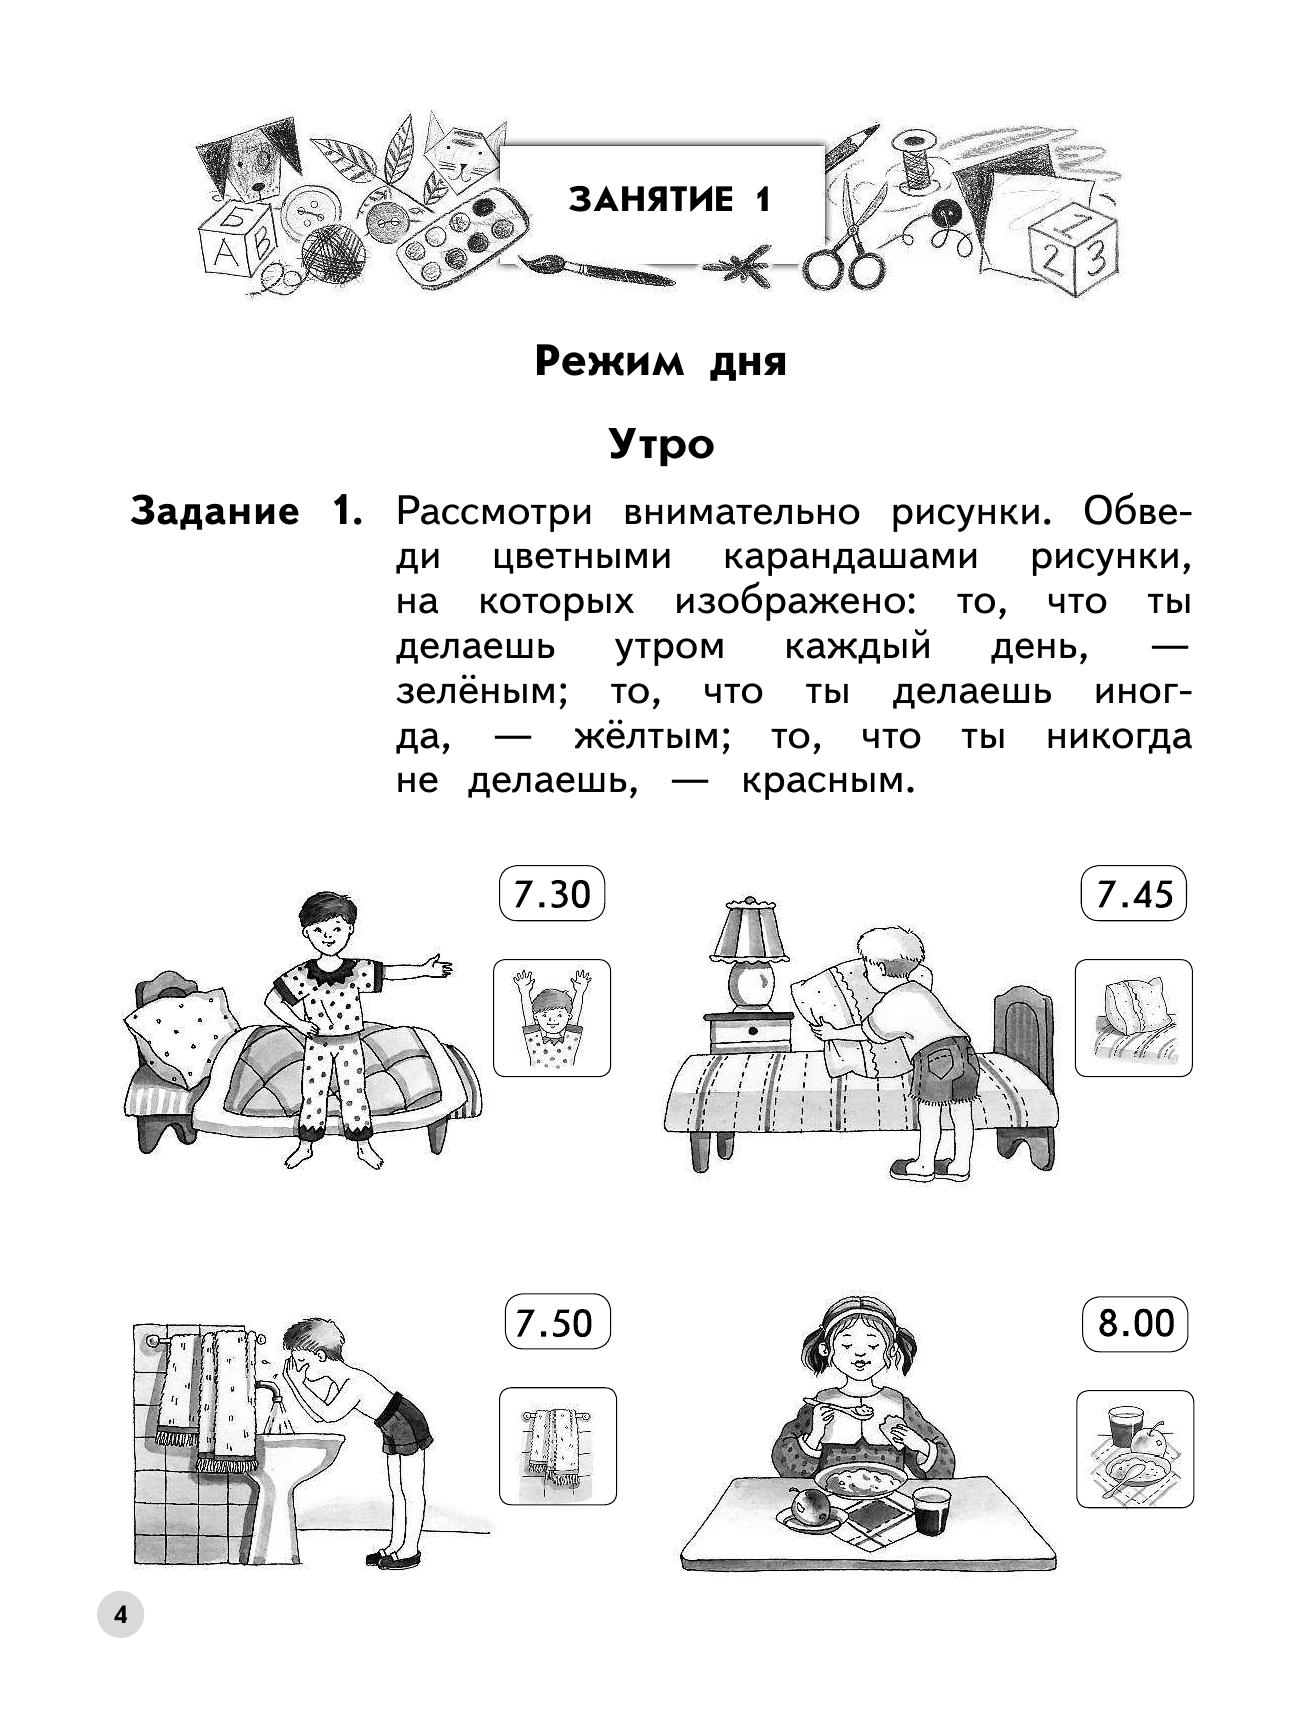 Твоё здоровье. Пособие для детей 5-6 лет. - страница 3